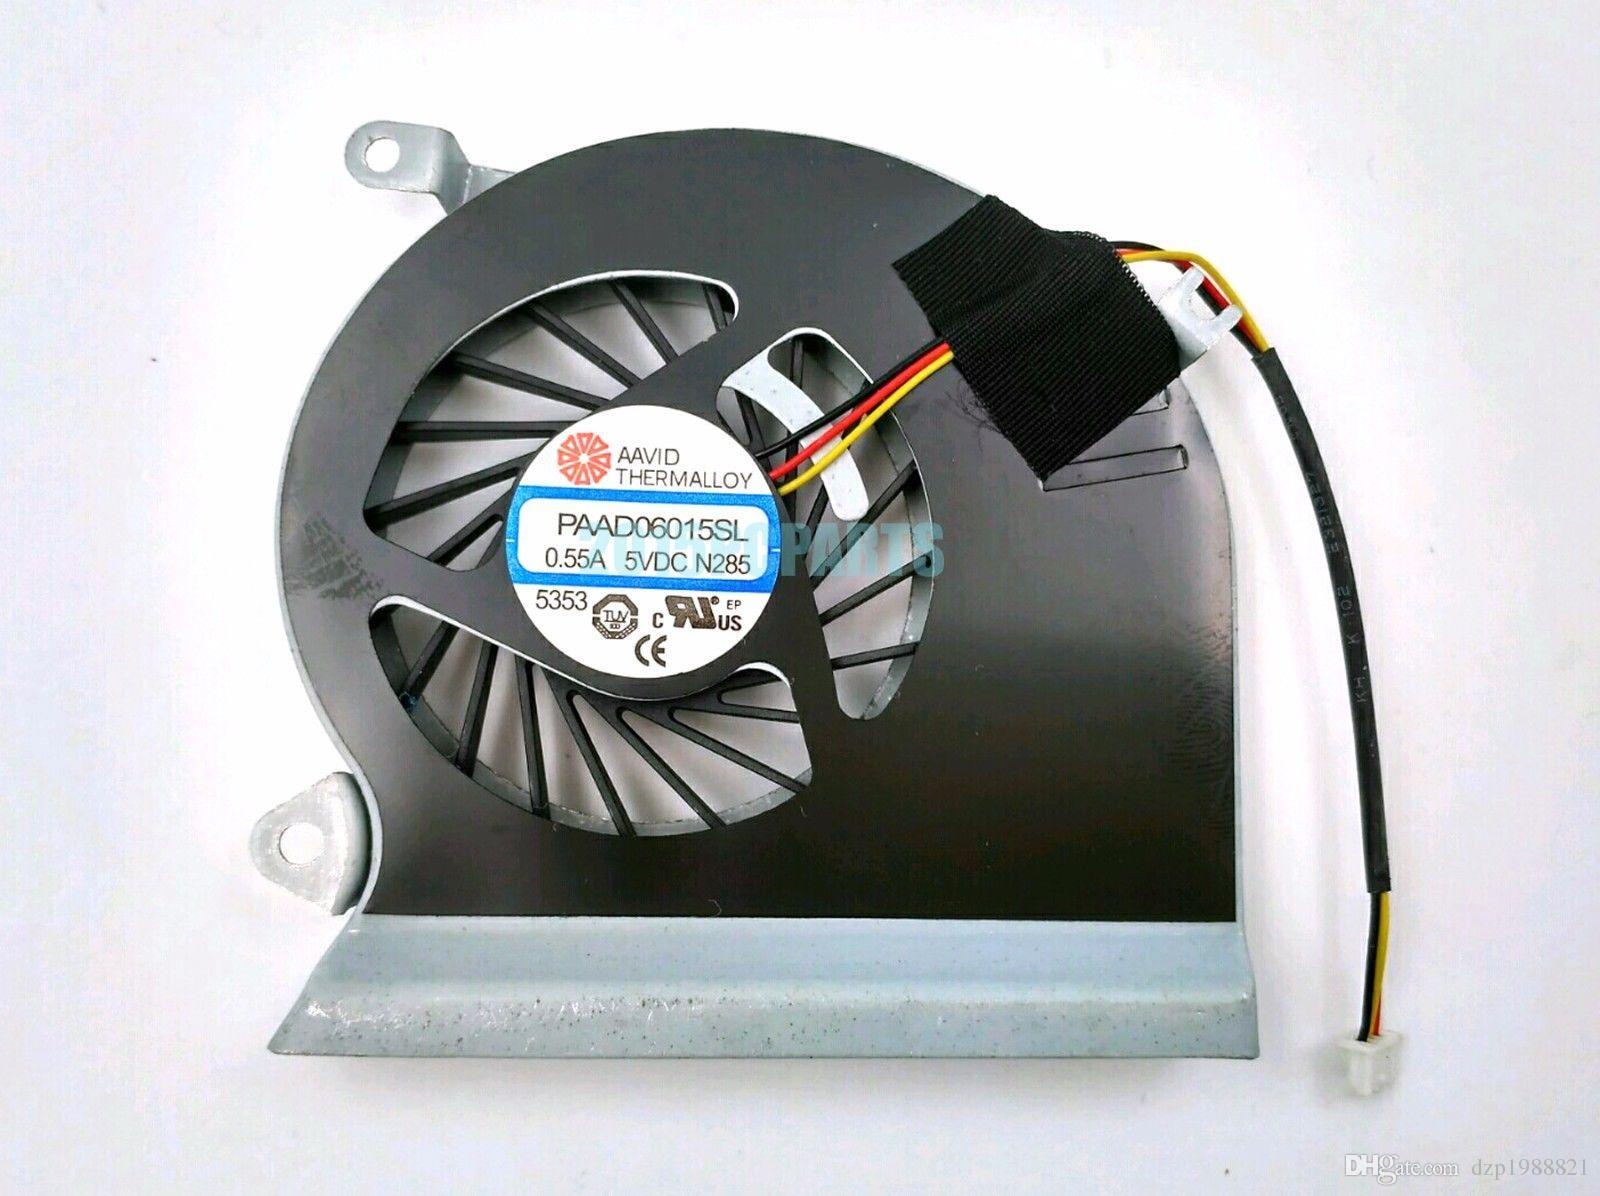 Nuevo ventilador original de la CPU para MSI GE70 MS-1756 MS-1757 CPU refrigerador de refrigeración del ventilador PAAD06015SL 3pin 0.55A 5VDC N285